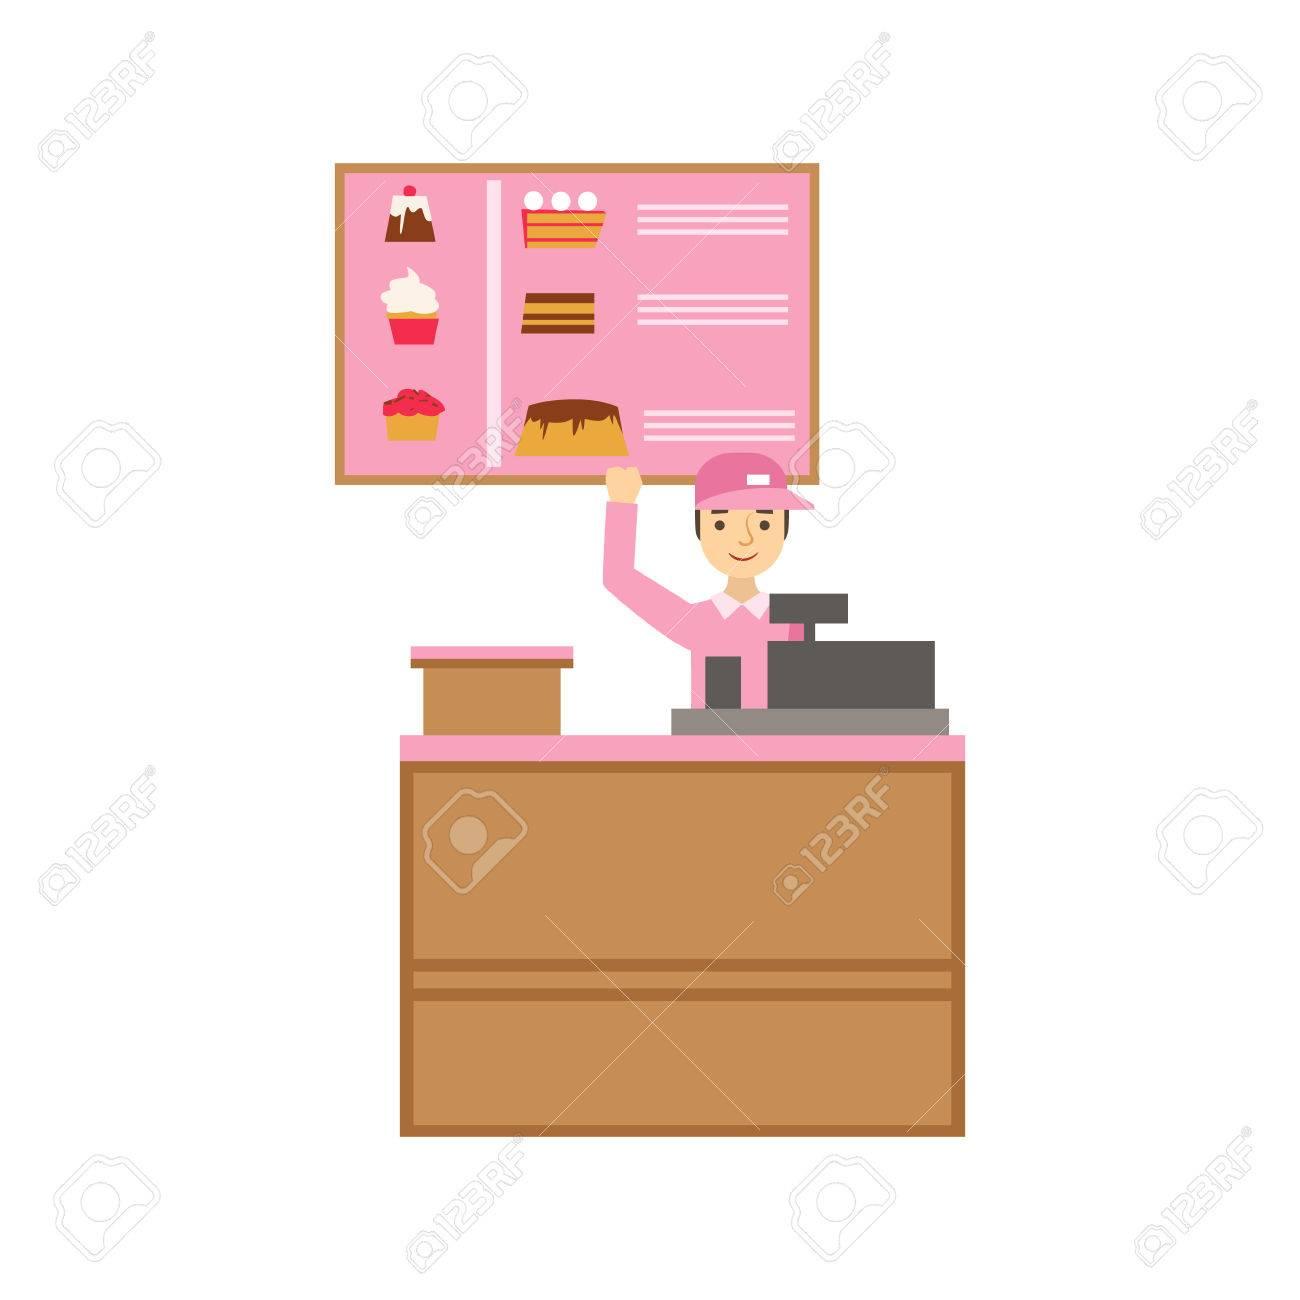 Arbeiter In Der Rosa Uniform Mit Kassen  Und Kuchen Sortiment Menü, Lächeln  Person Ein